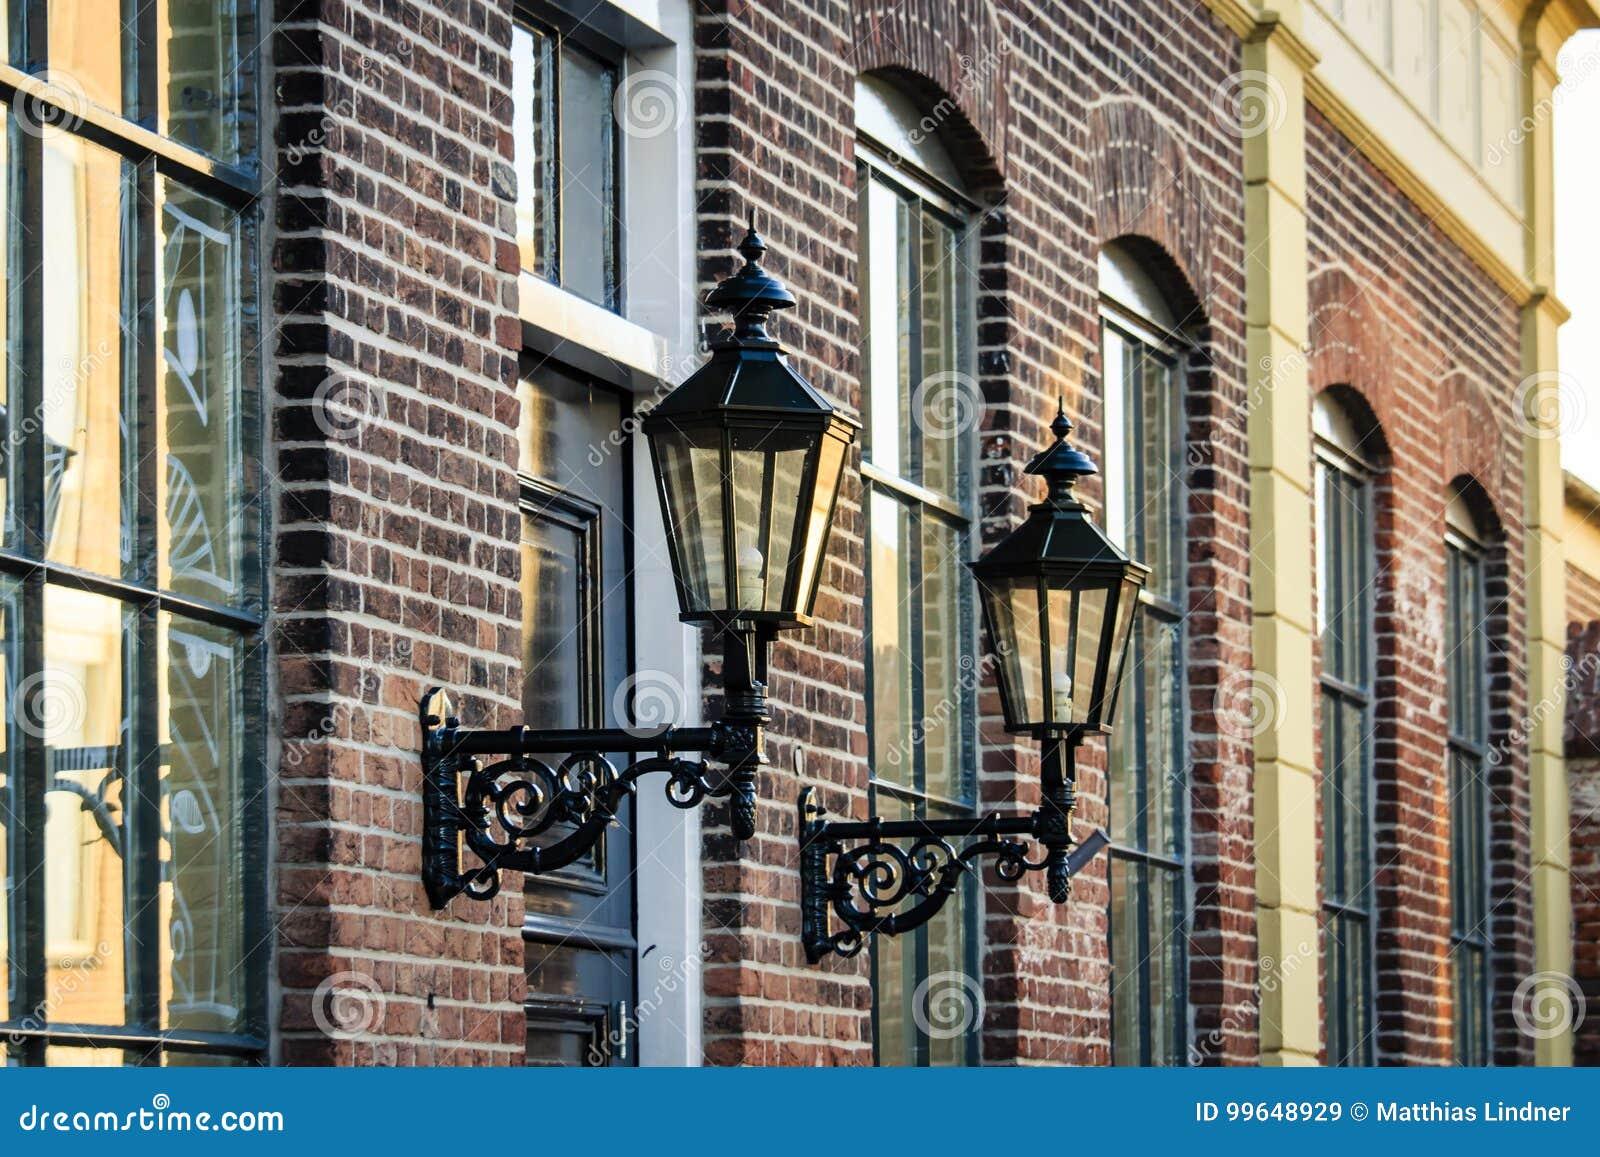 Vieilles lanternes de rue sur un bâtiment historique